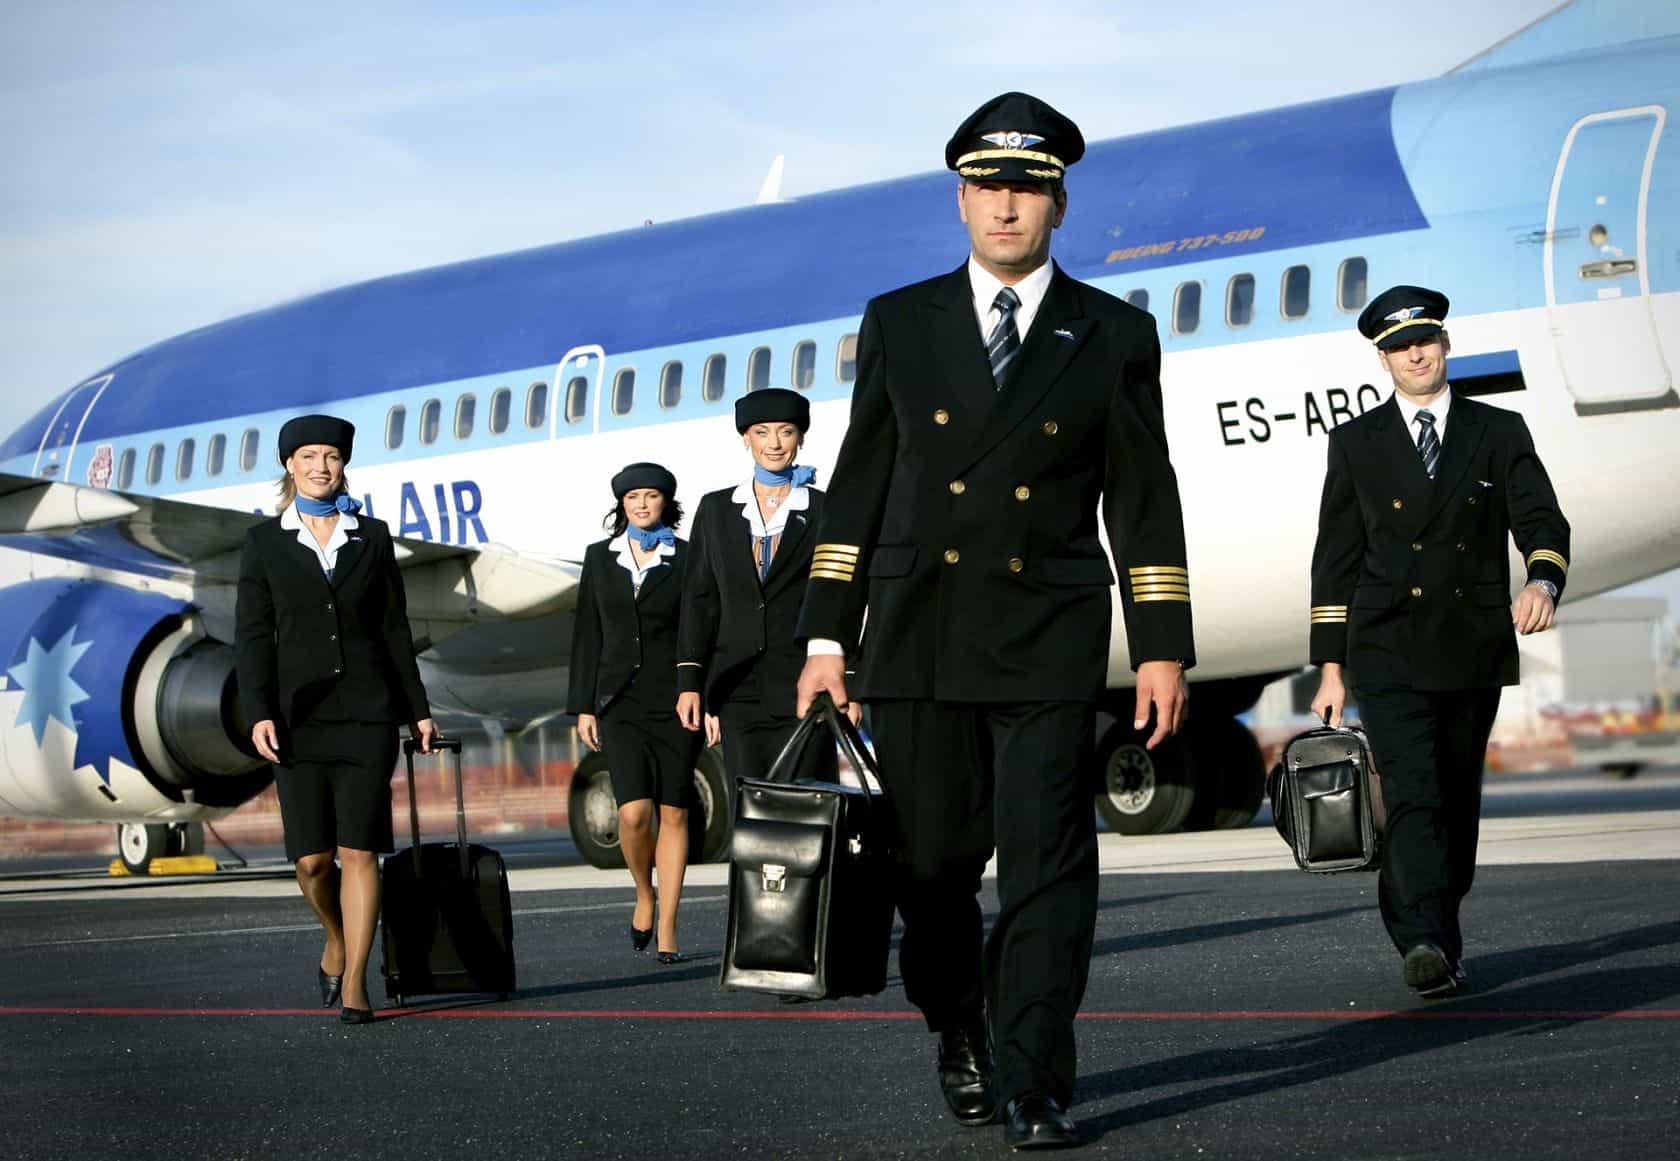 Заработная плата пилотов